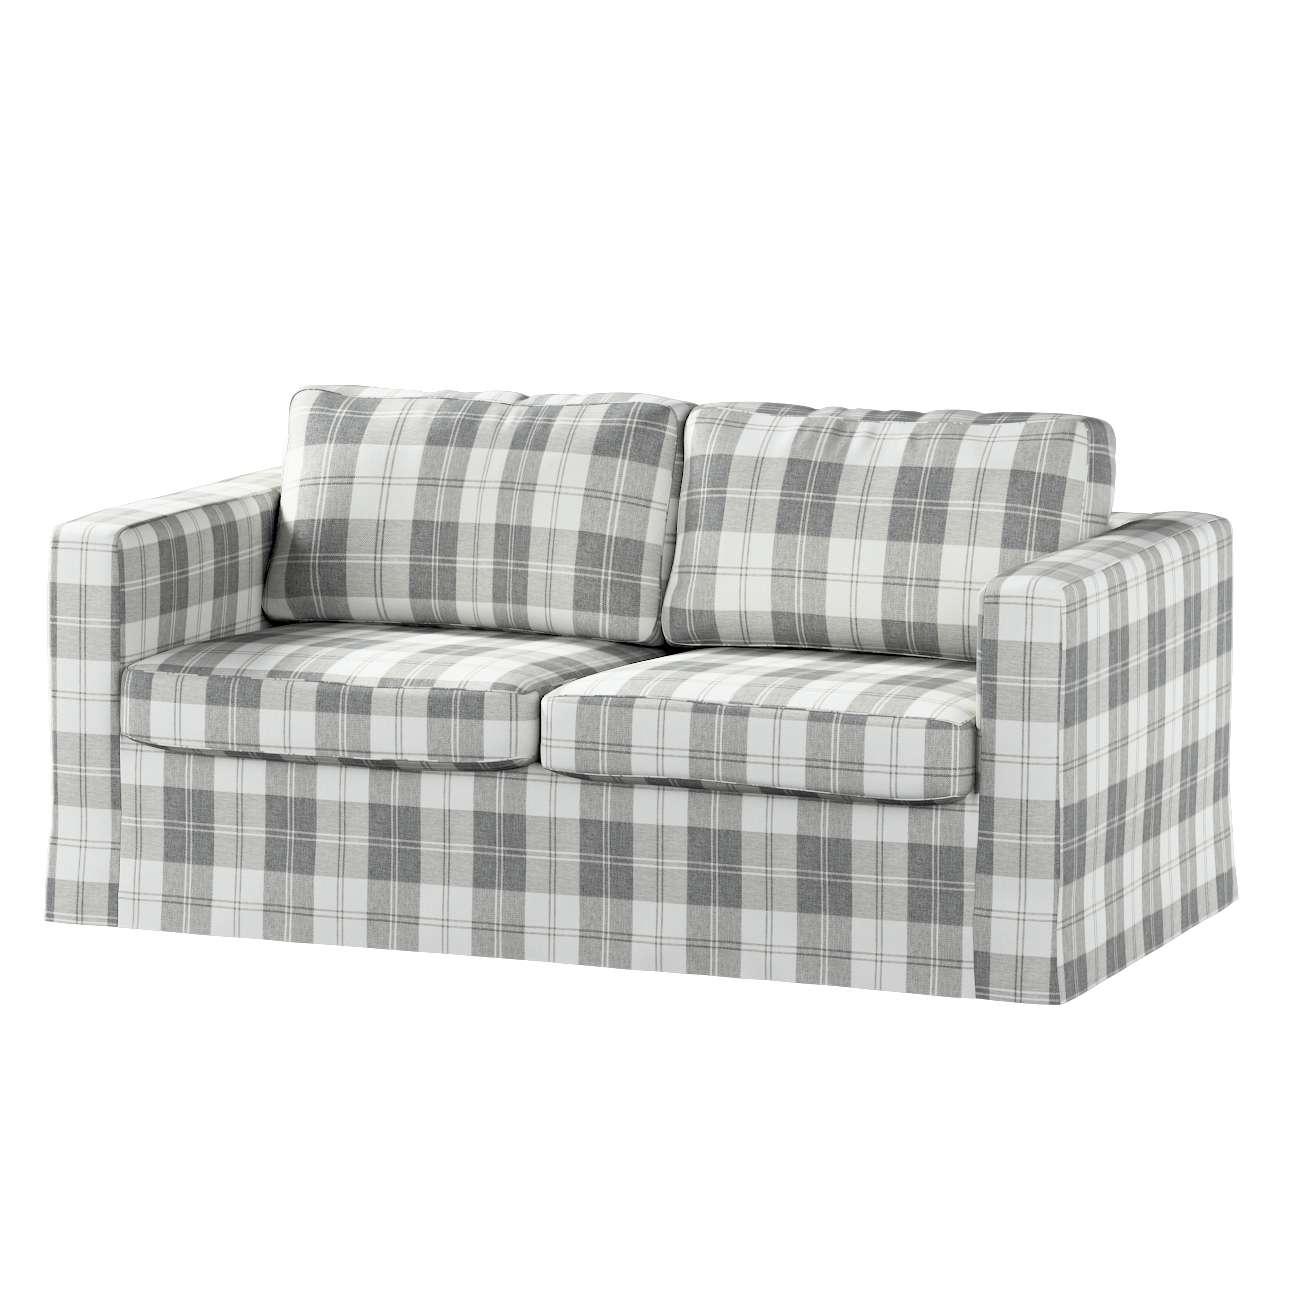 Pokrowiec na sofę Karlstad 2-osobową nierozkładaną długi Sofa Karlstad 2-osobowa w kolekcji Edinburgh, tkanina: 115-79